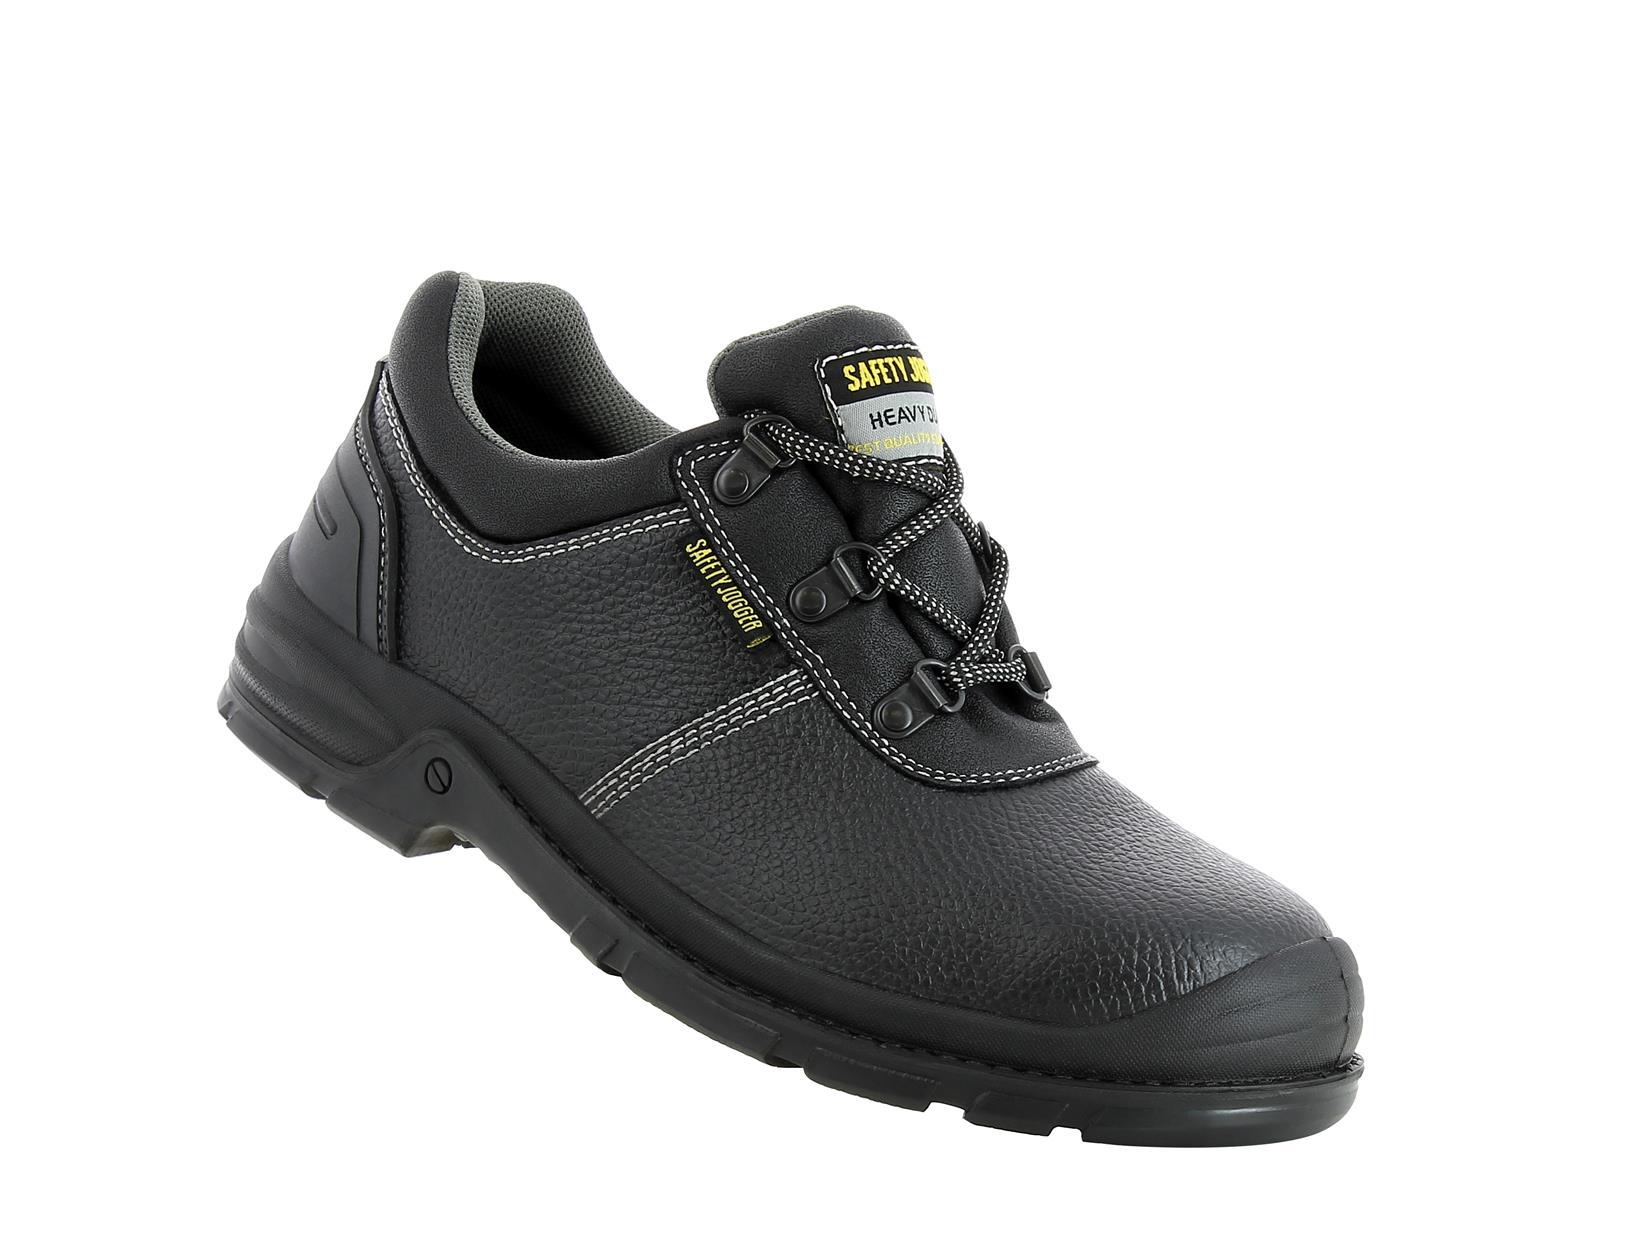 safety-jogger-bestrun-safety-shoes-smart